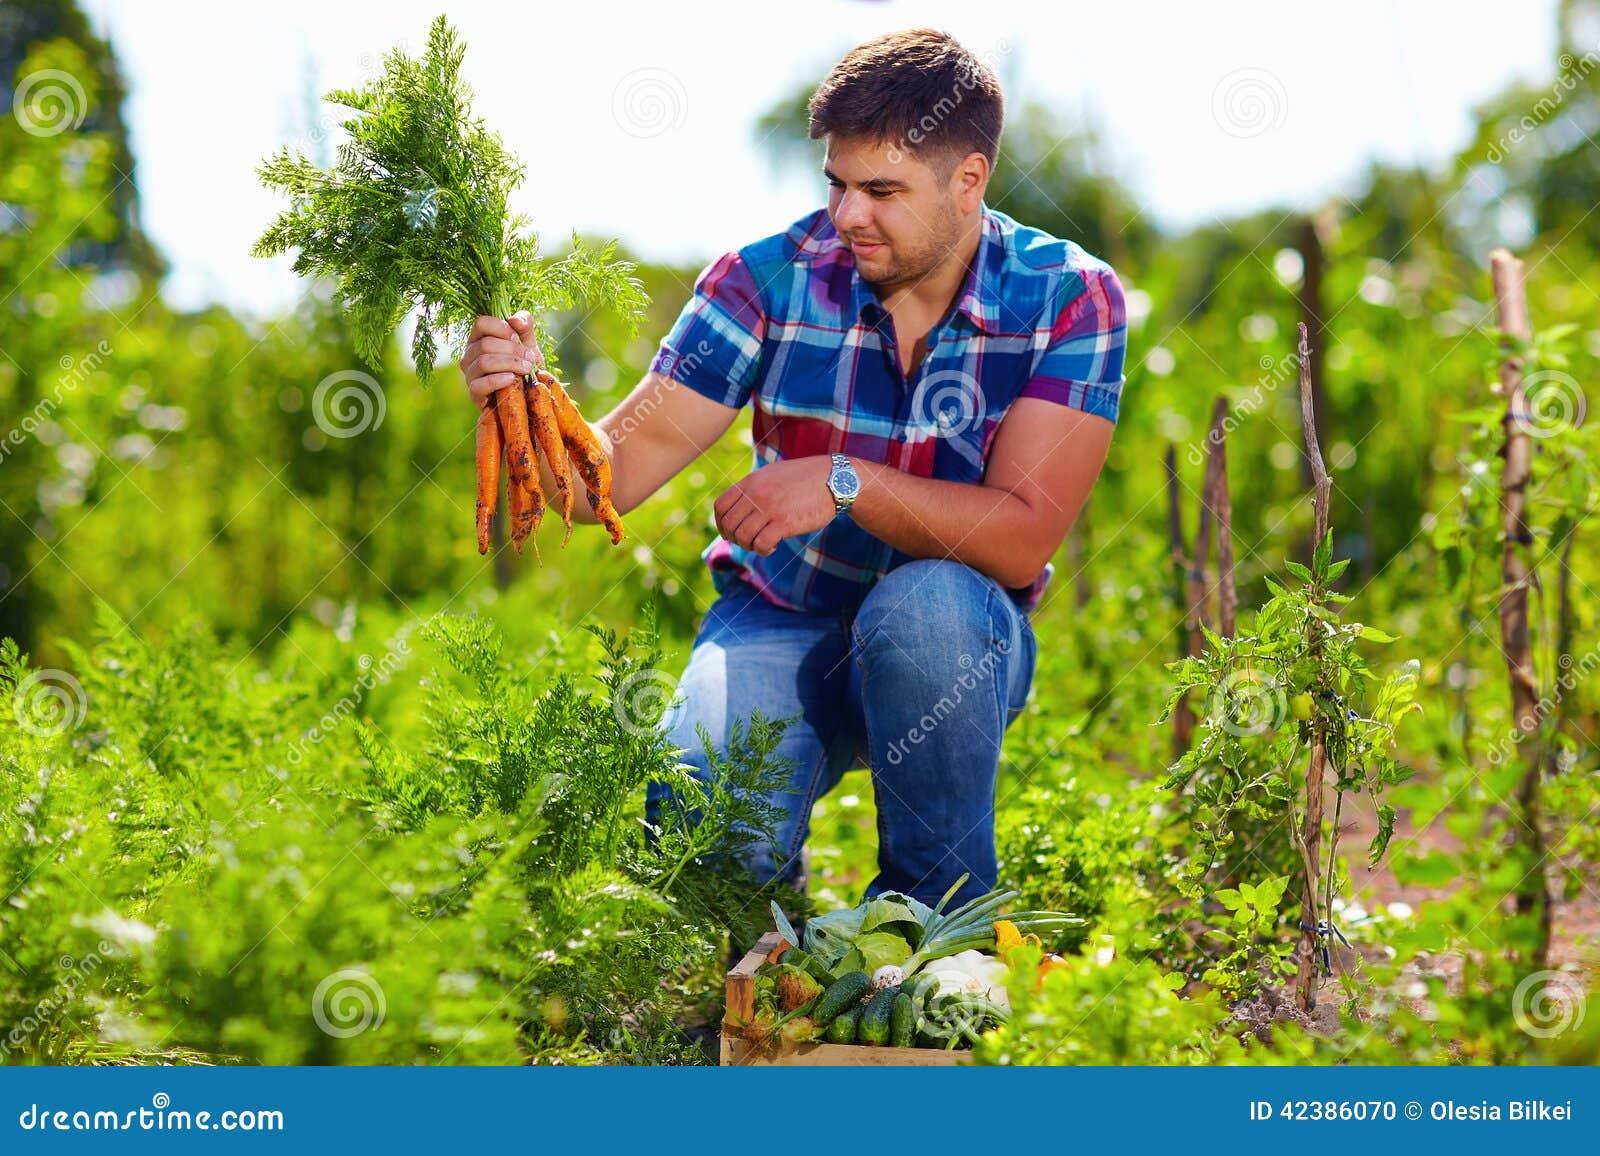 Фермер жать морковей в огороде